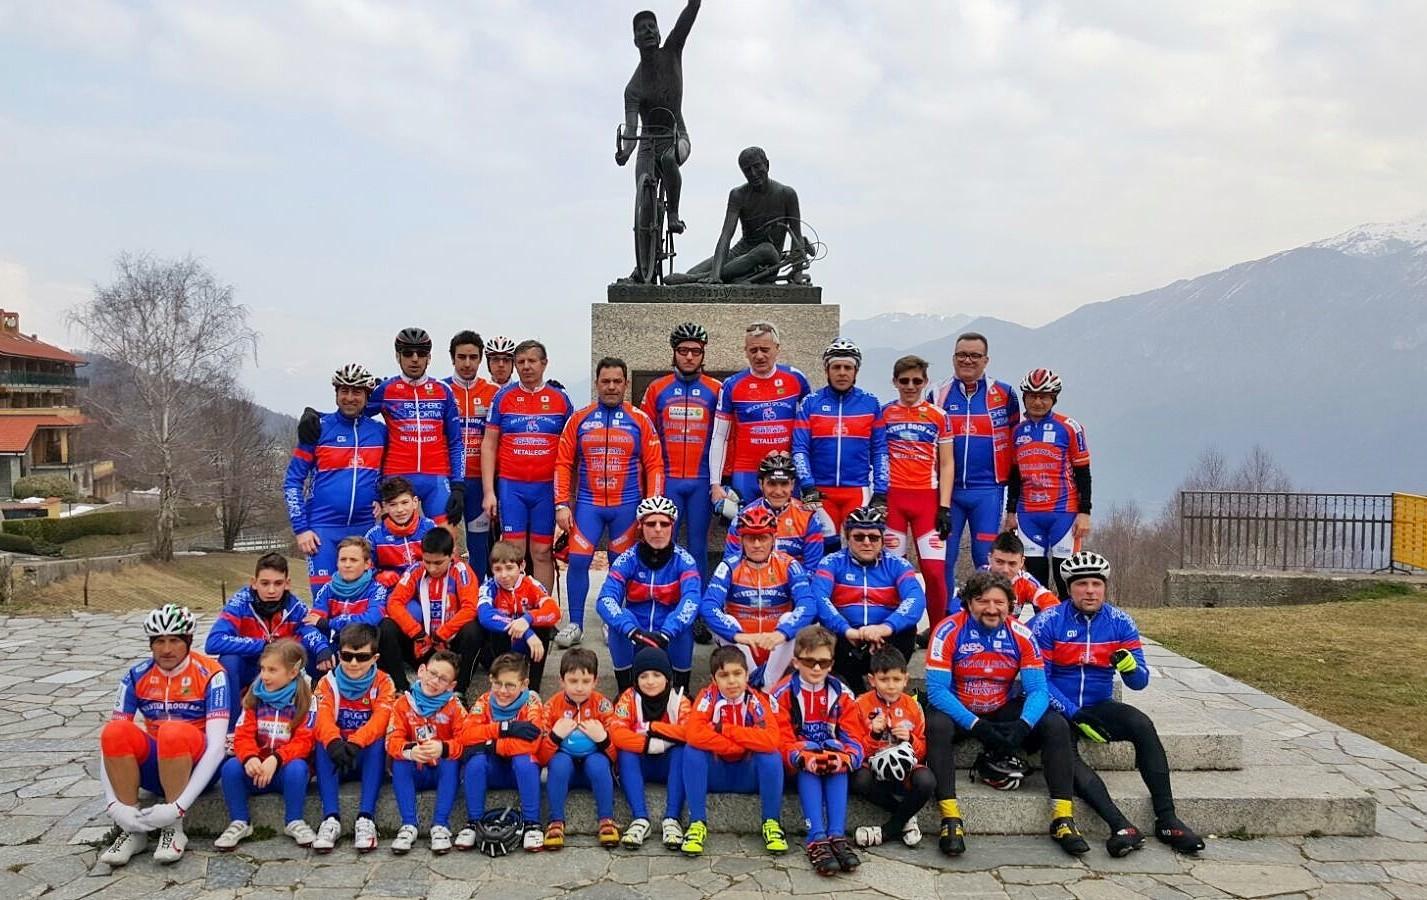 Tutto il gruppo della Brugherio Sportiva al Ghisallo